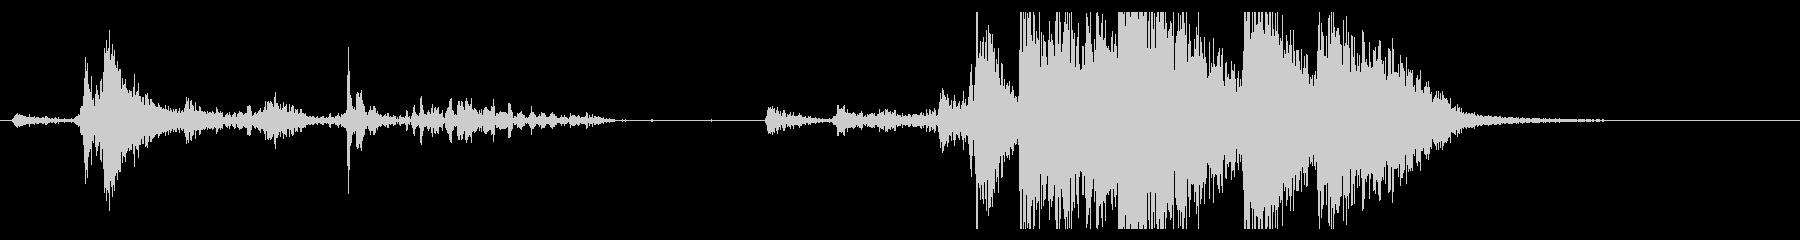 【生録音】ブリキのバケツの音 学校 2の未再生の波形